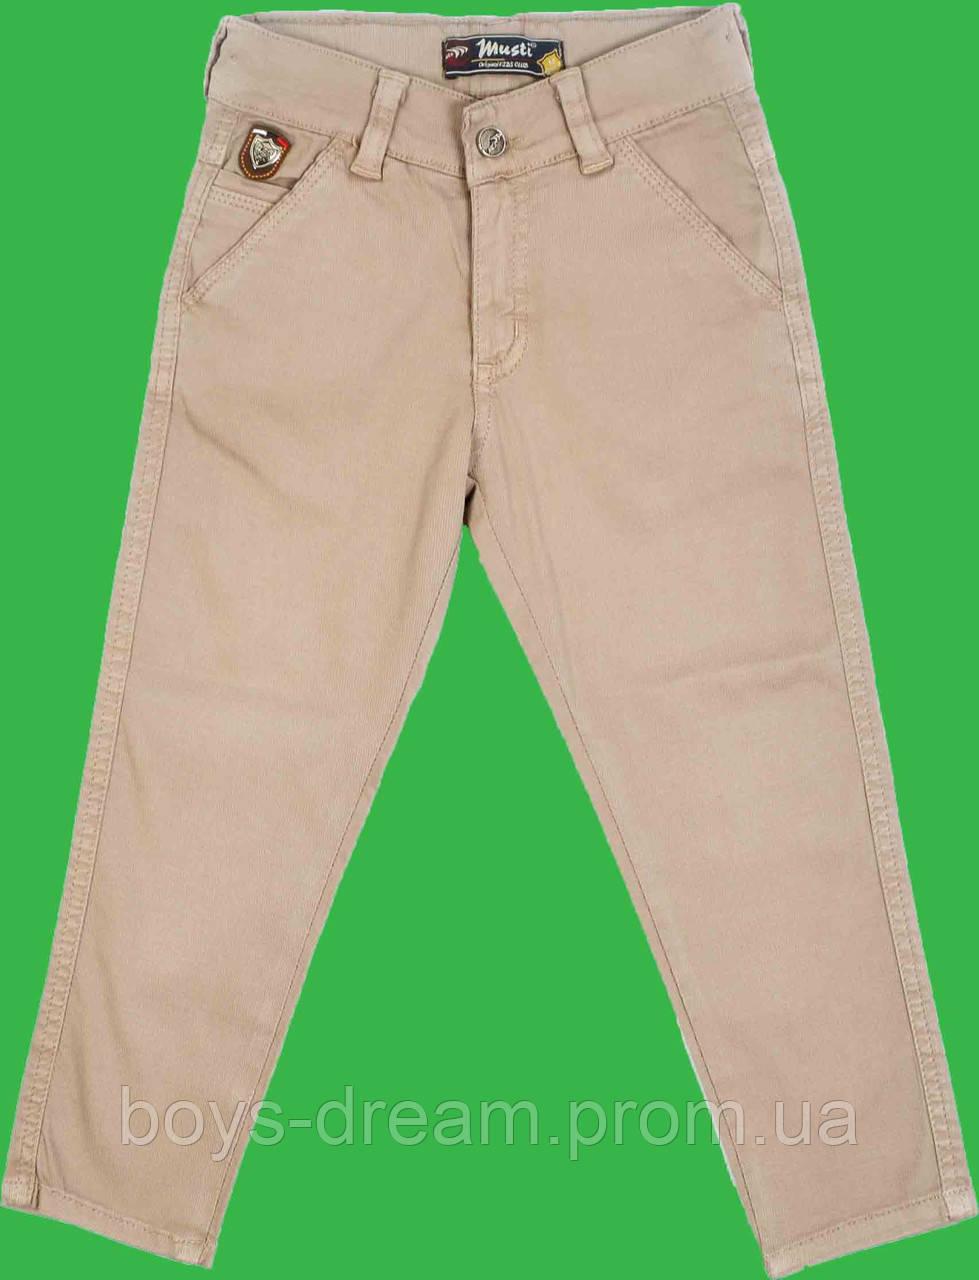 Летние брюки для мальчика 170 (Турция)